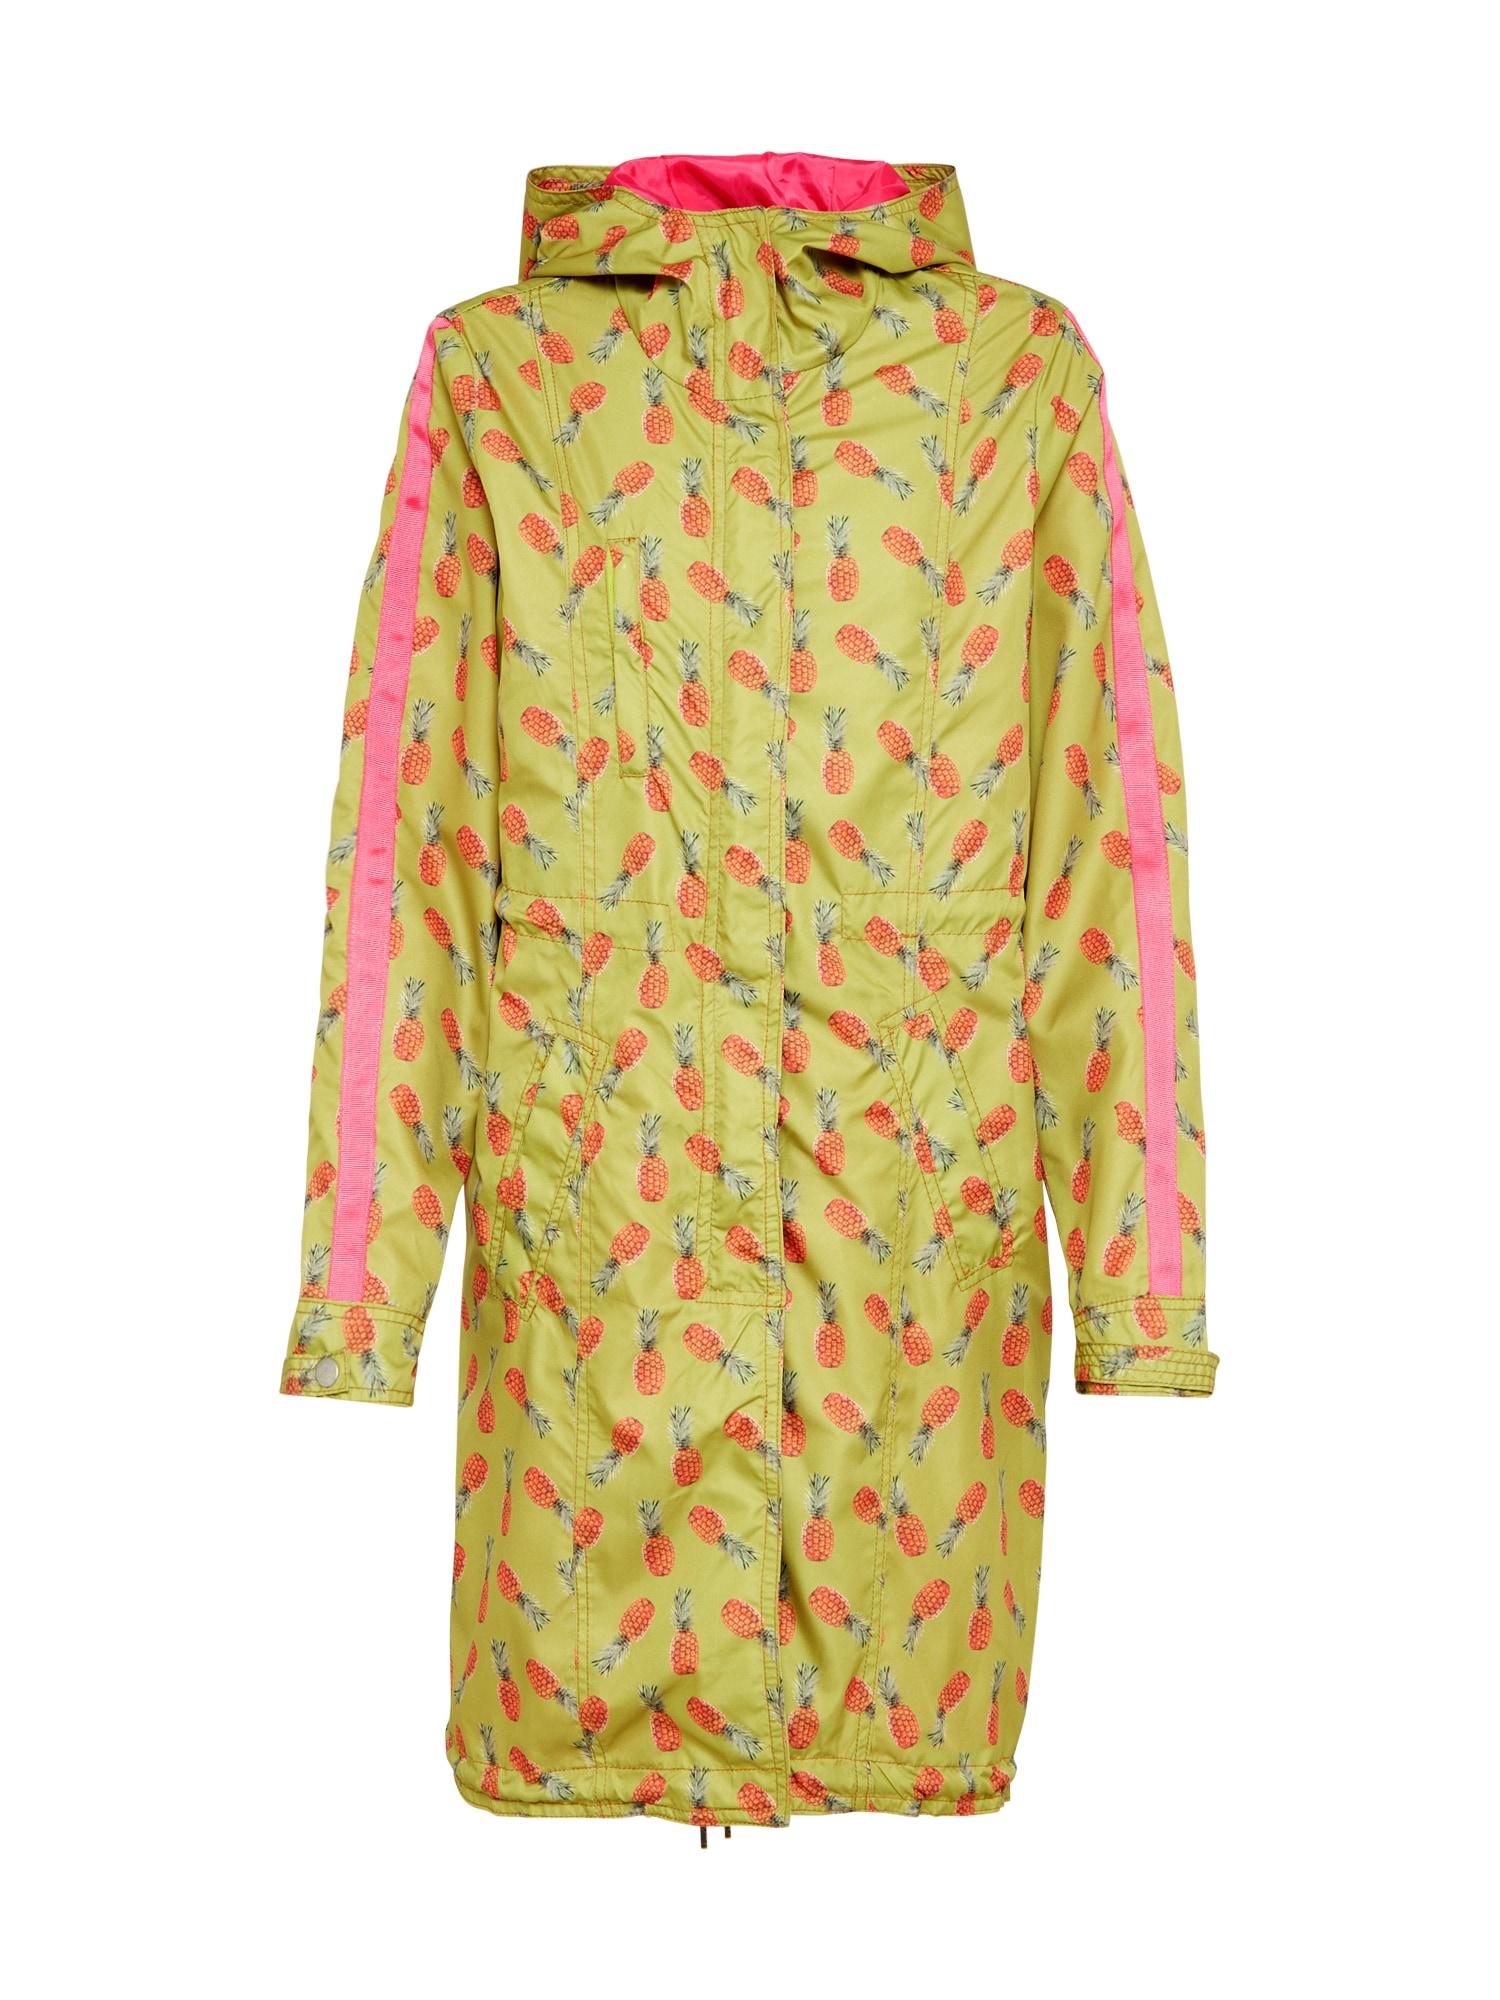 Přechodová parka Pineapple světle zelená pink Miss Goodlife